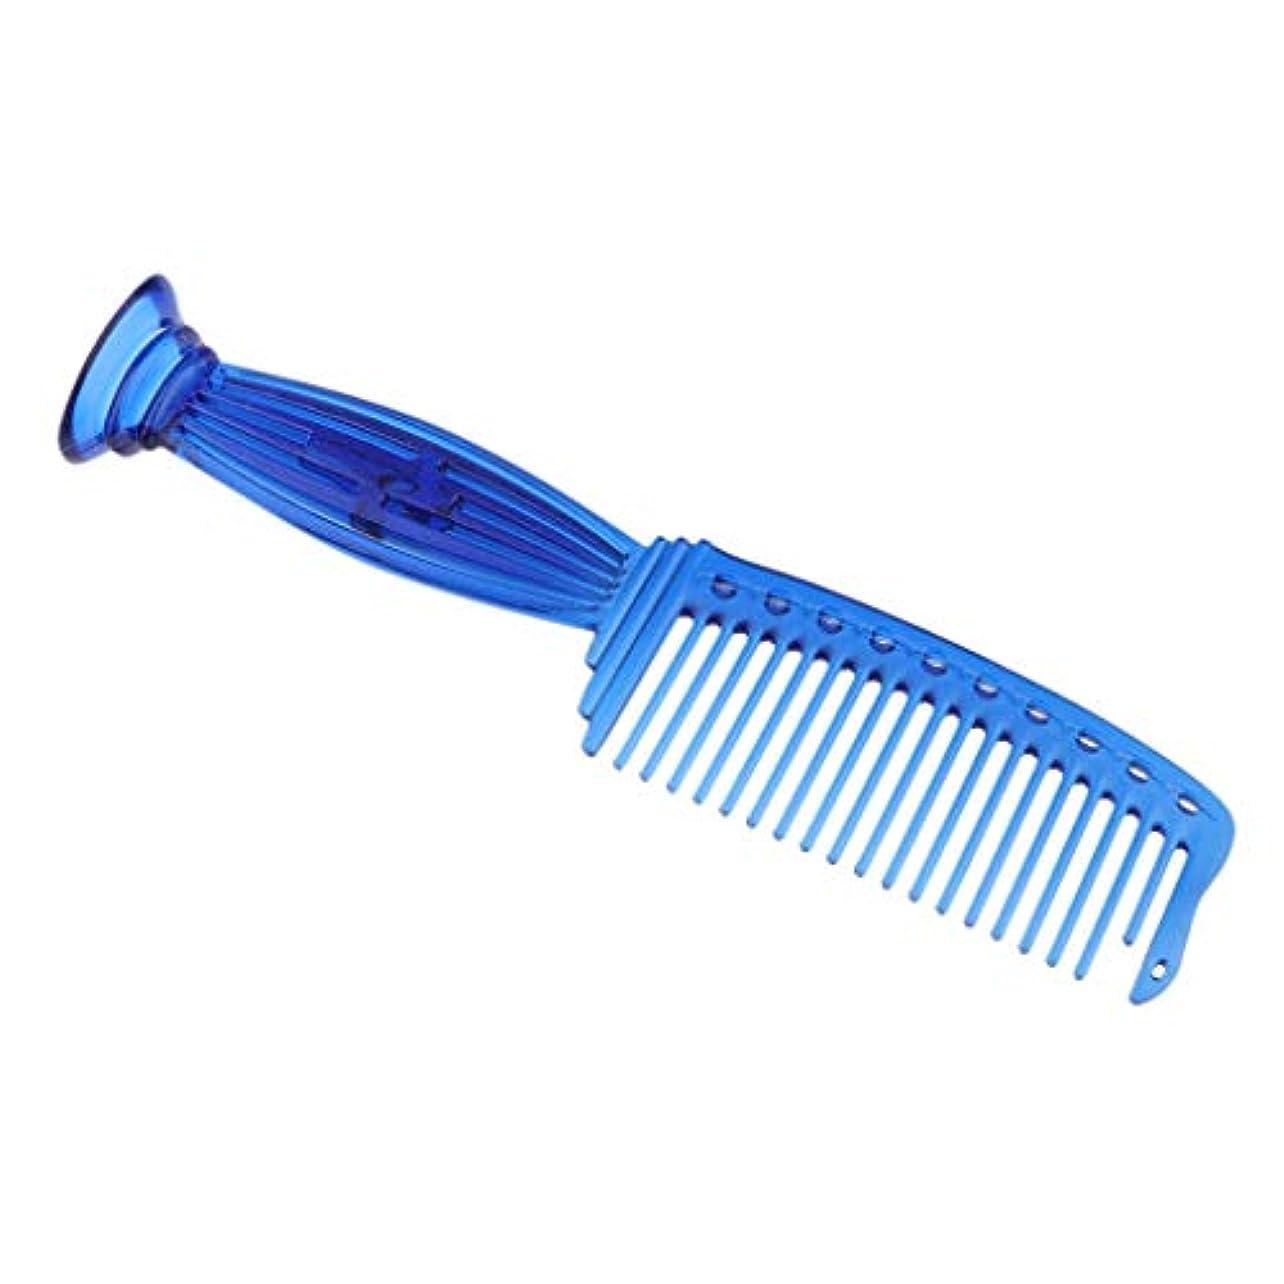 ブラザー不愉快にカバーF Fityle ヘアコーム ヘアブラシ プロ ヘアサロン 理髪師 ワイド歯 プラスチック 5色選べ - 青